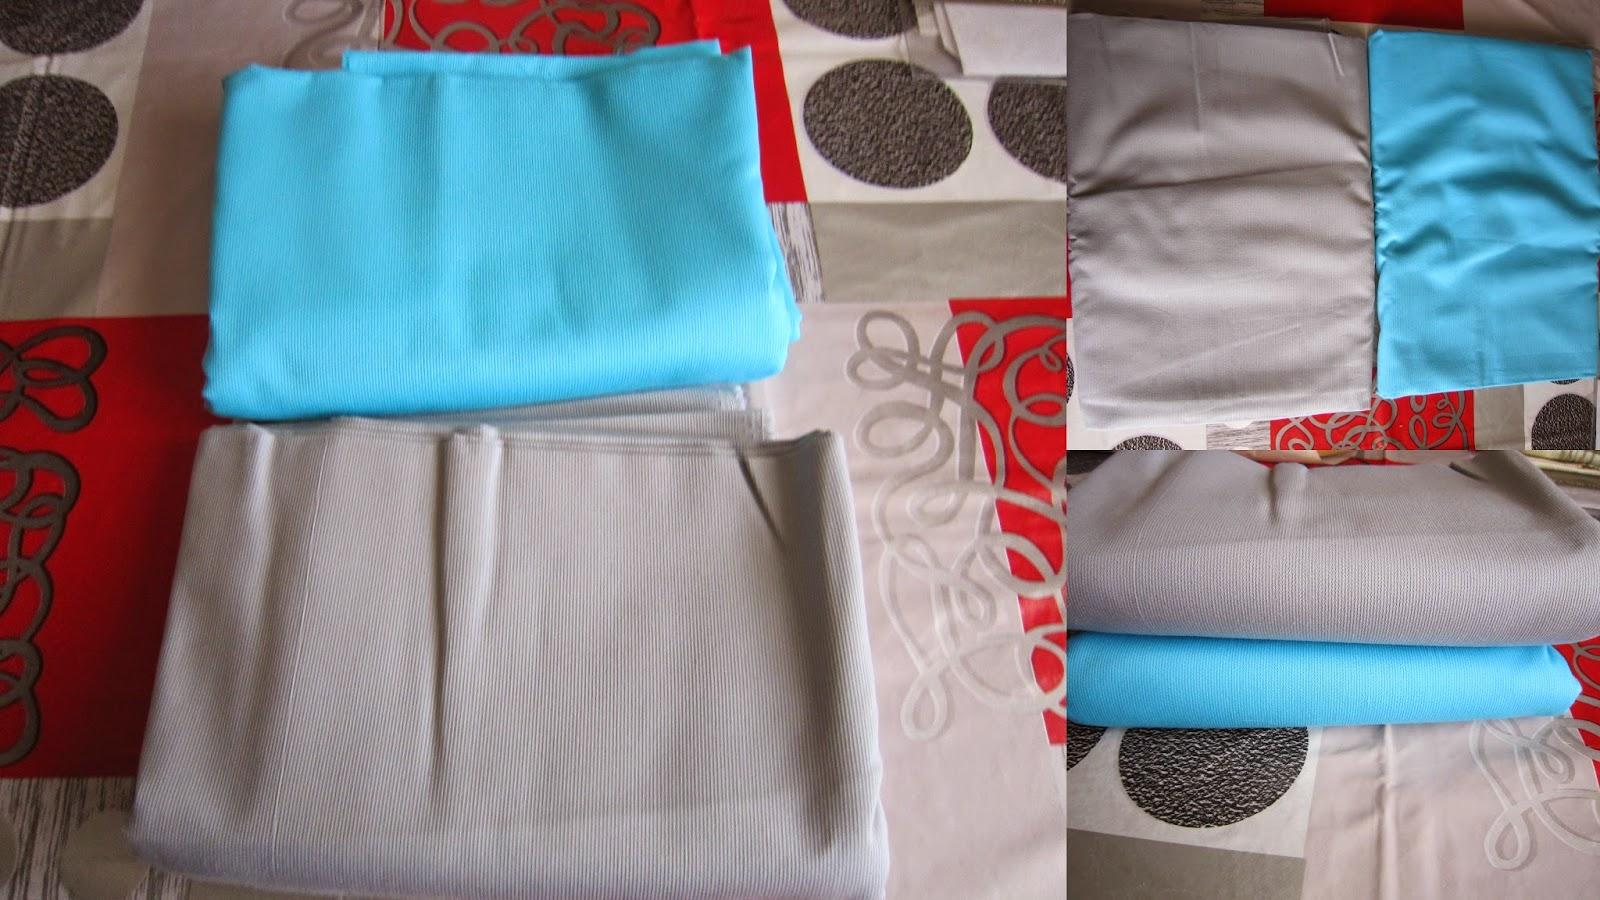 couture pour debutant e s mes derniers achats de tissus. Black Bedroom Furniture Sets. Home Design Ideas